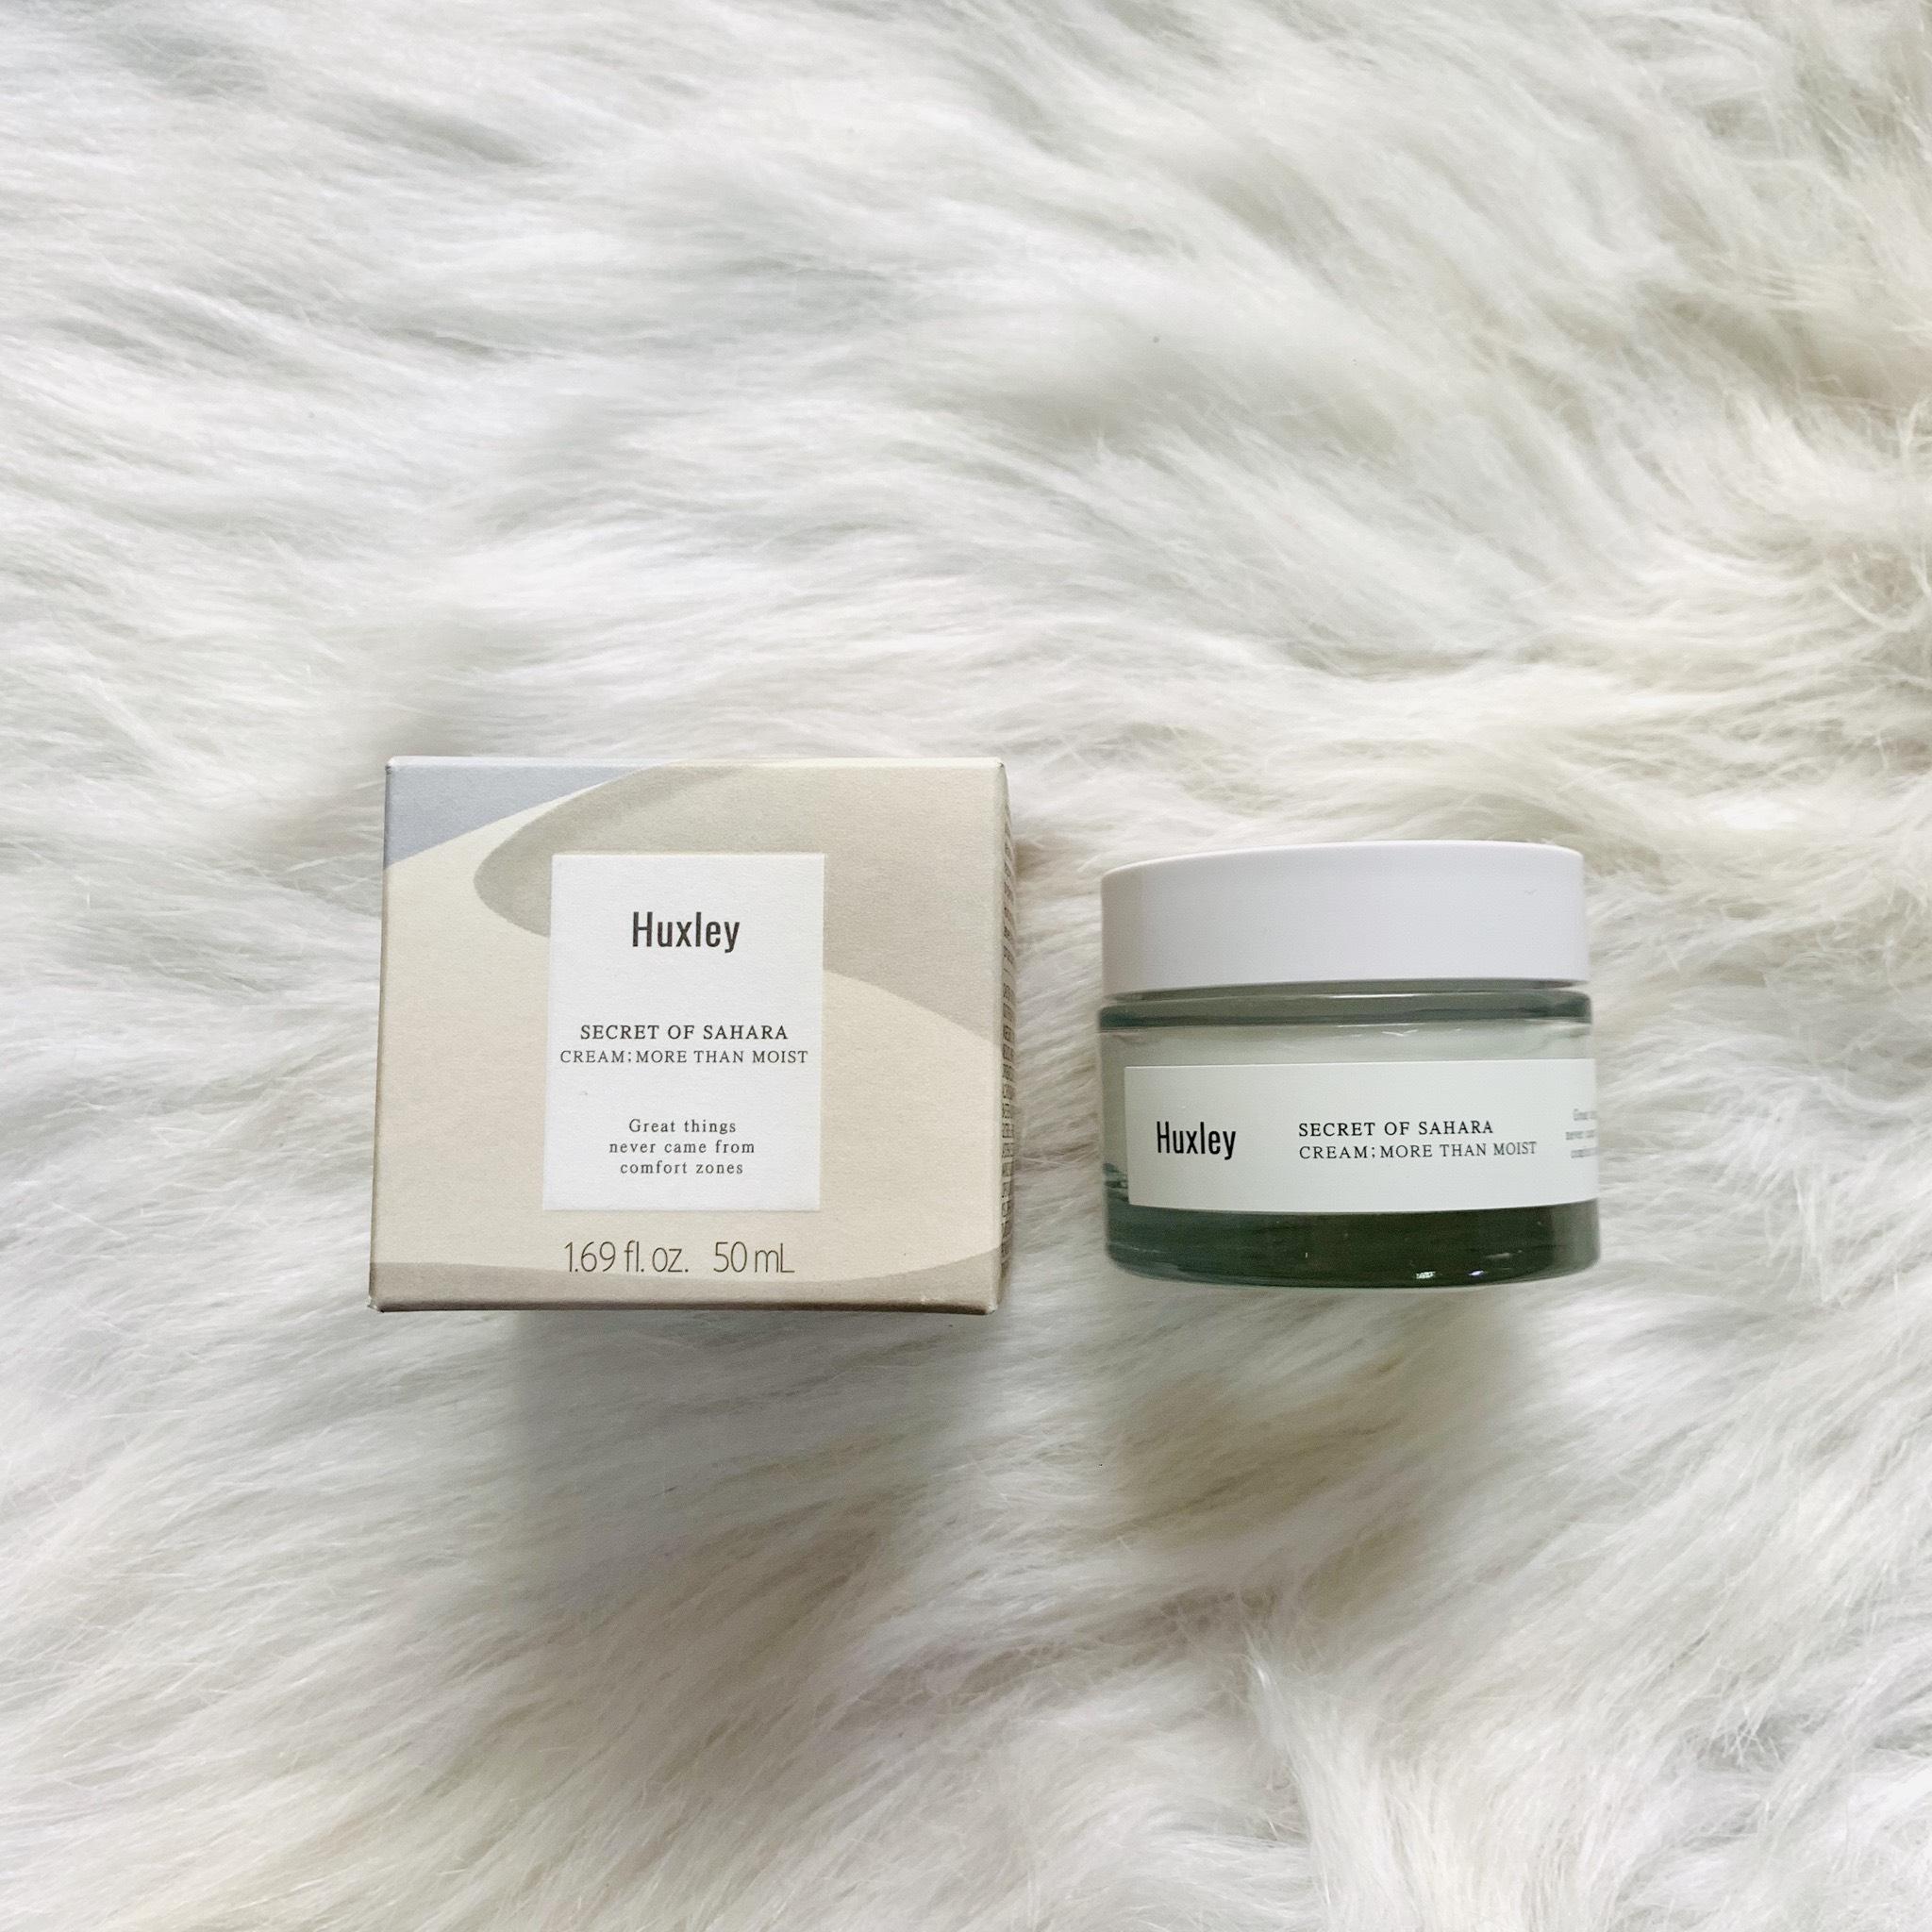 Sản phẩm Huxley Cream More than moist